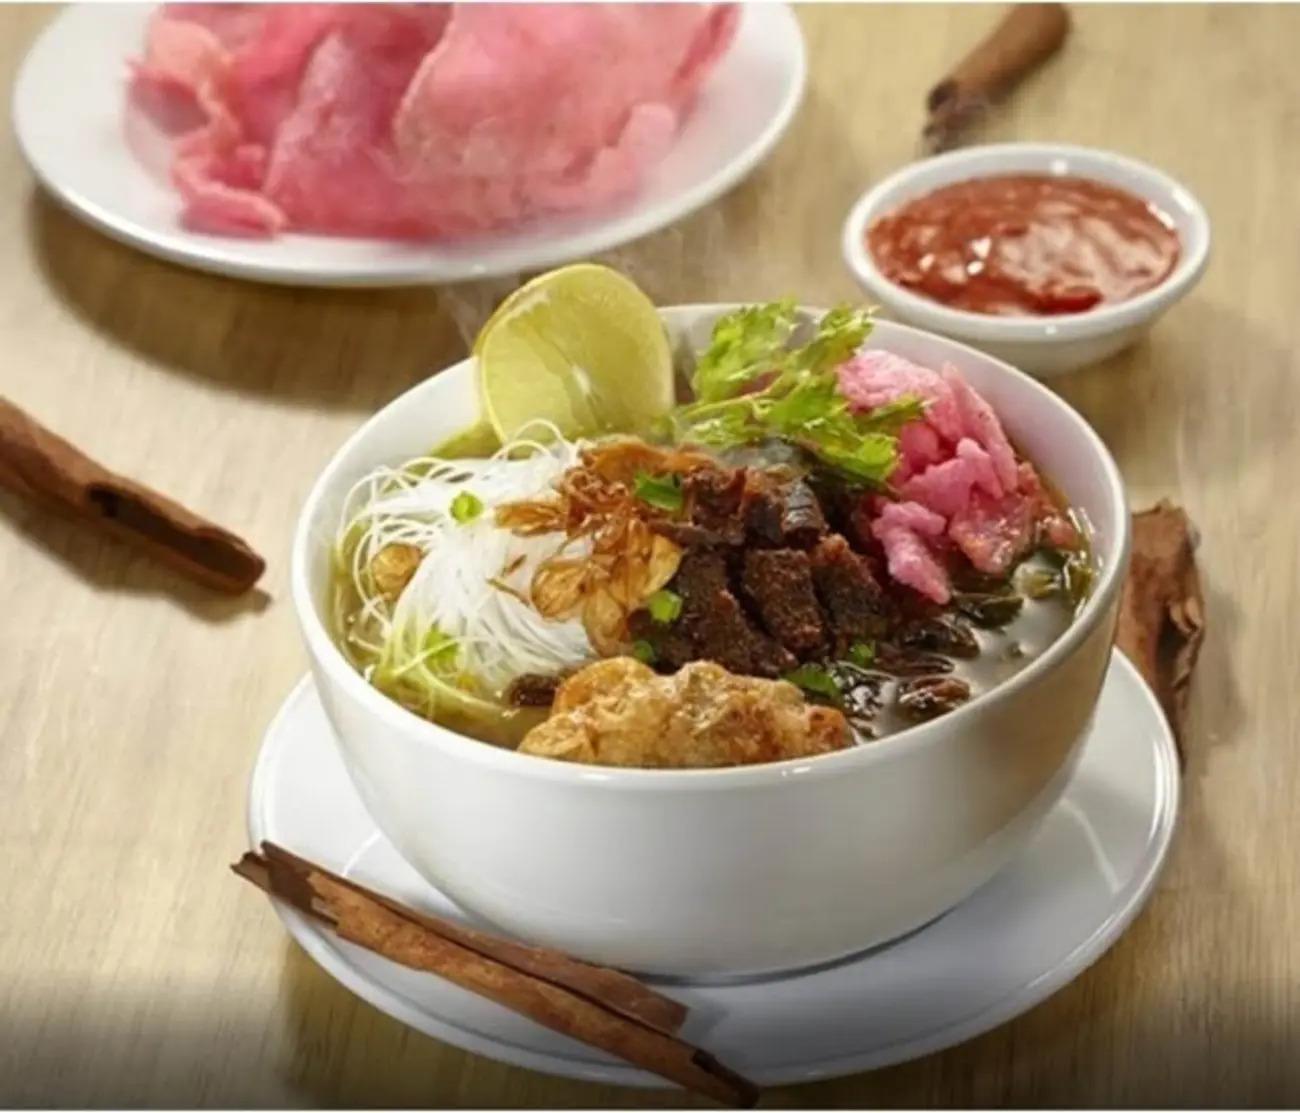 Resep Soto Padang Daging Bening, Sederhana dan Kaya Rasa